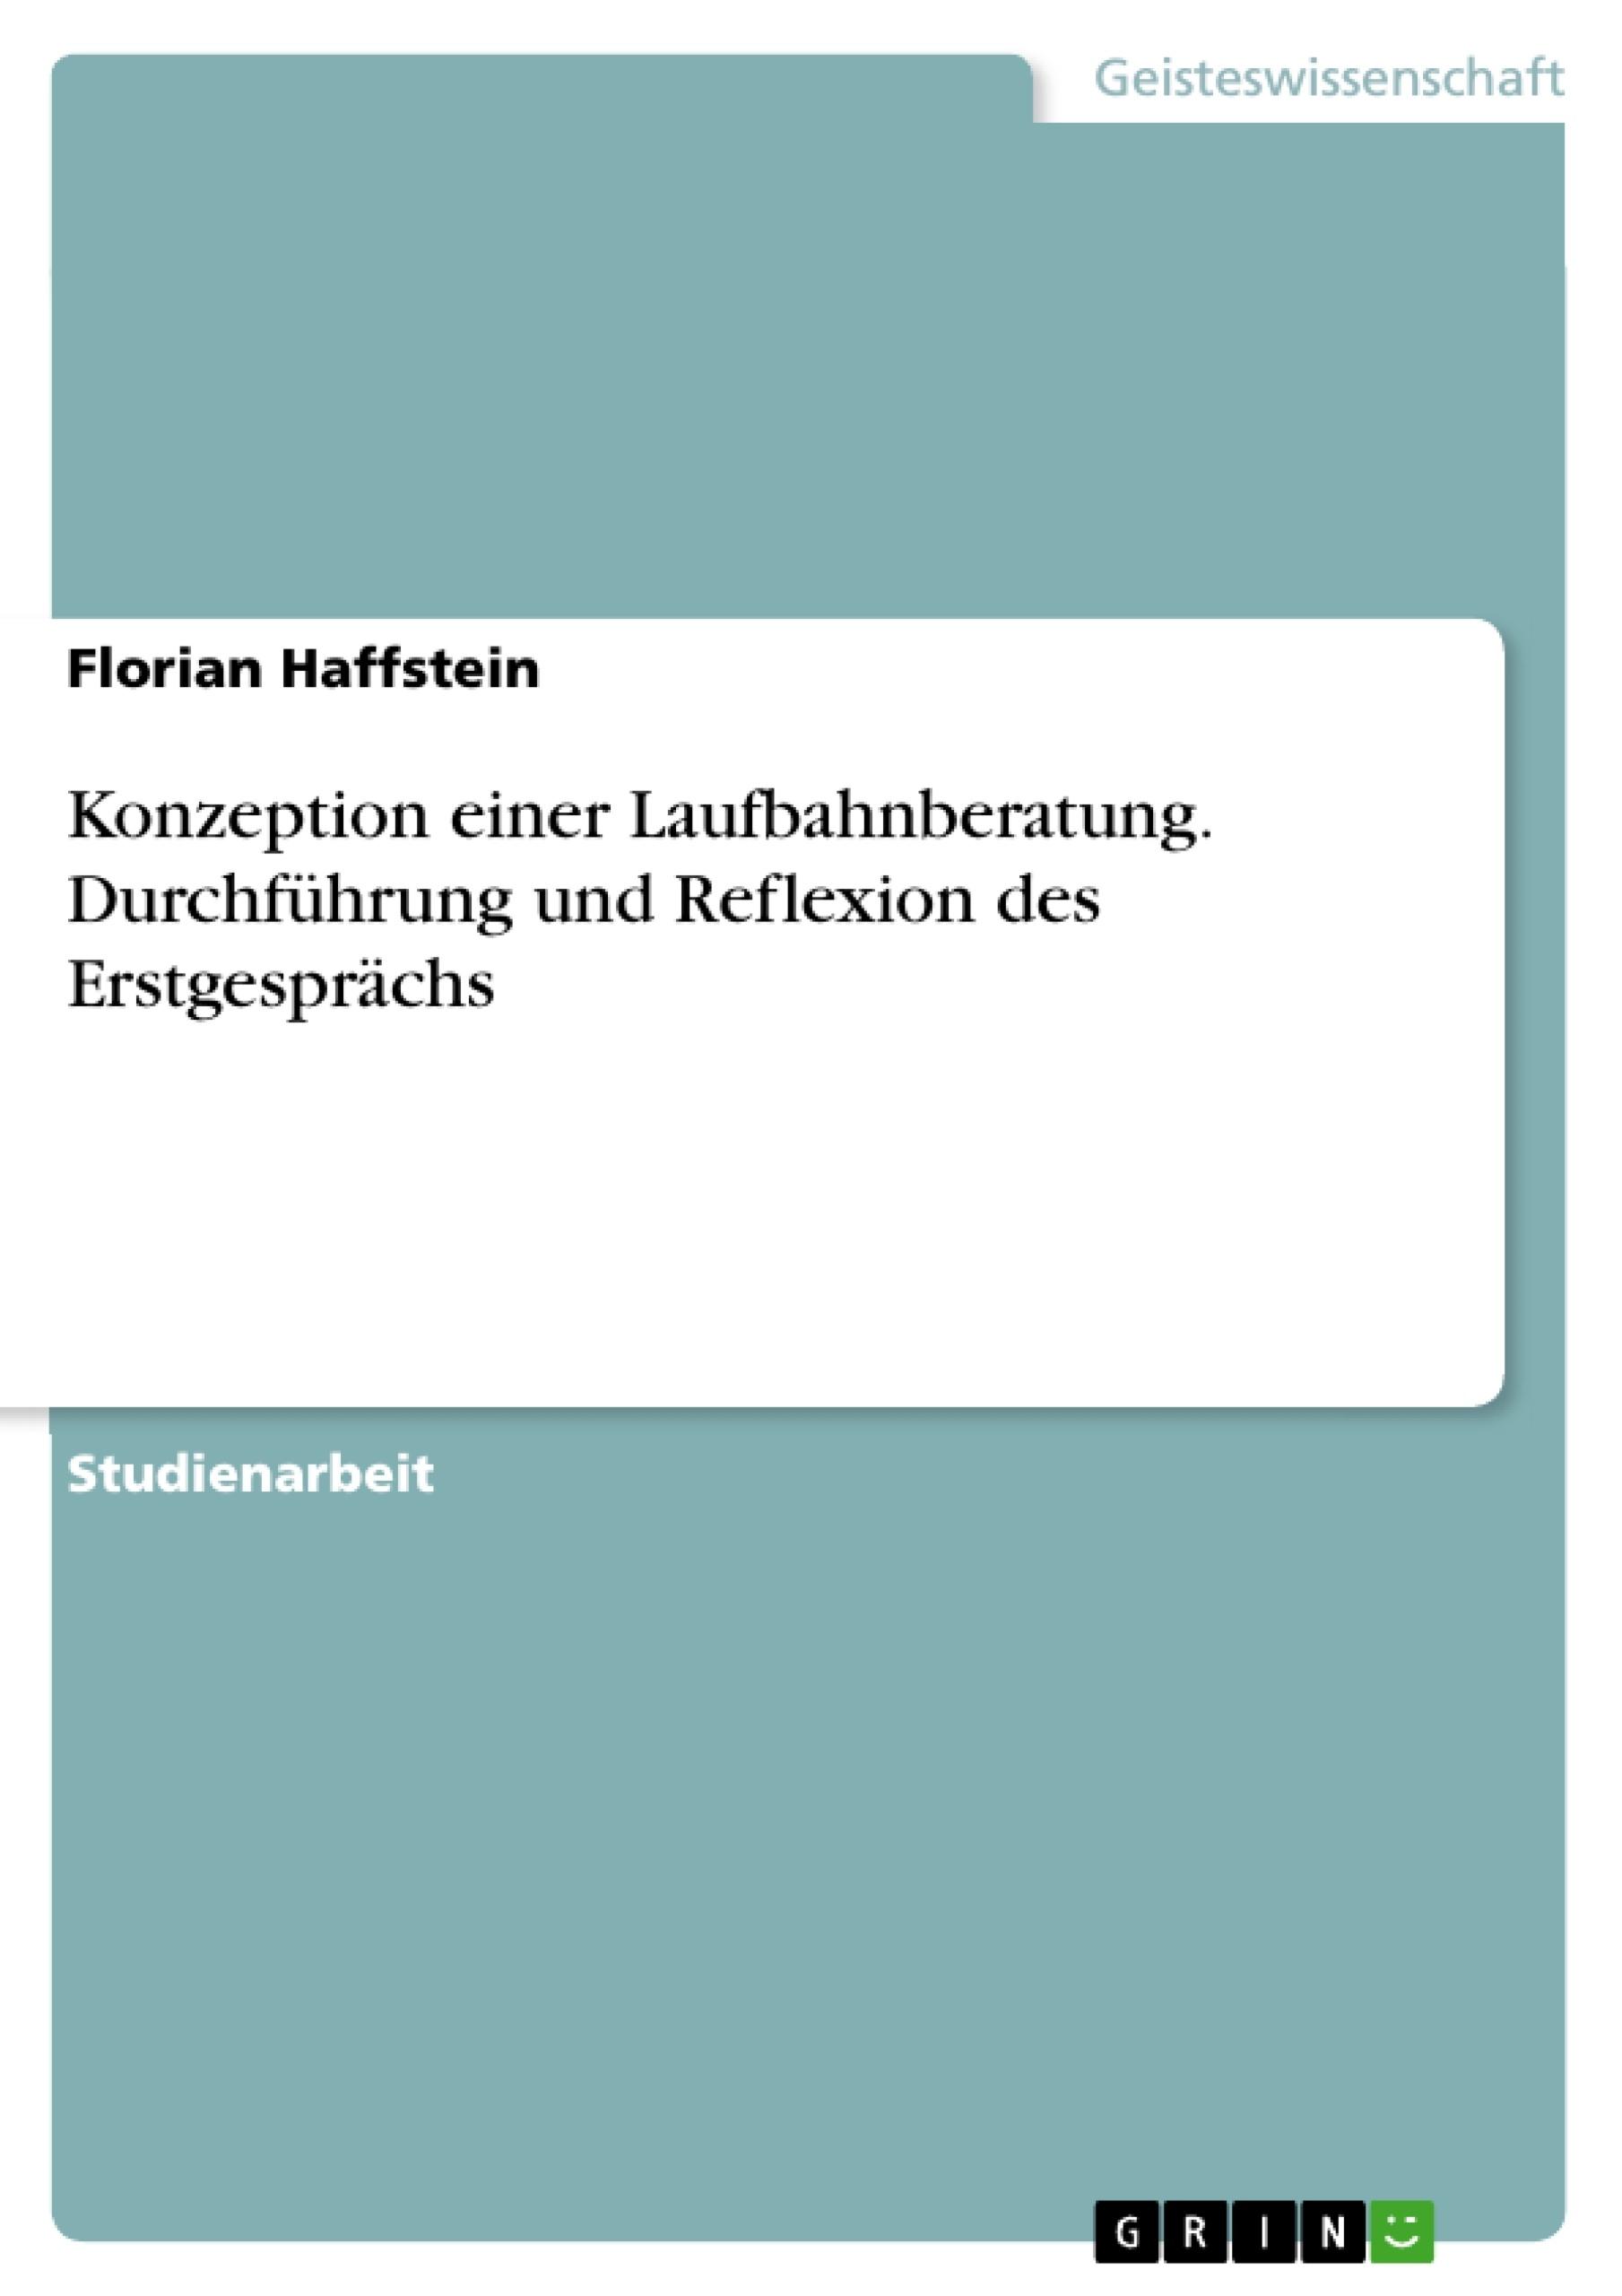 Titel: Konzeption einer Laufbahnberatung. Durchführung und Reflexion des Erstgesprächs